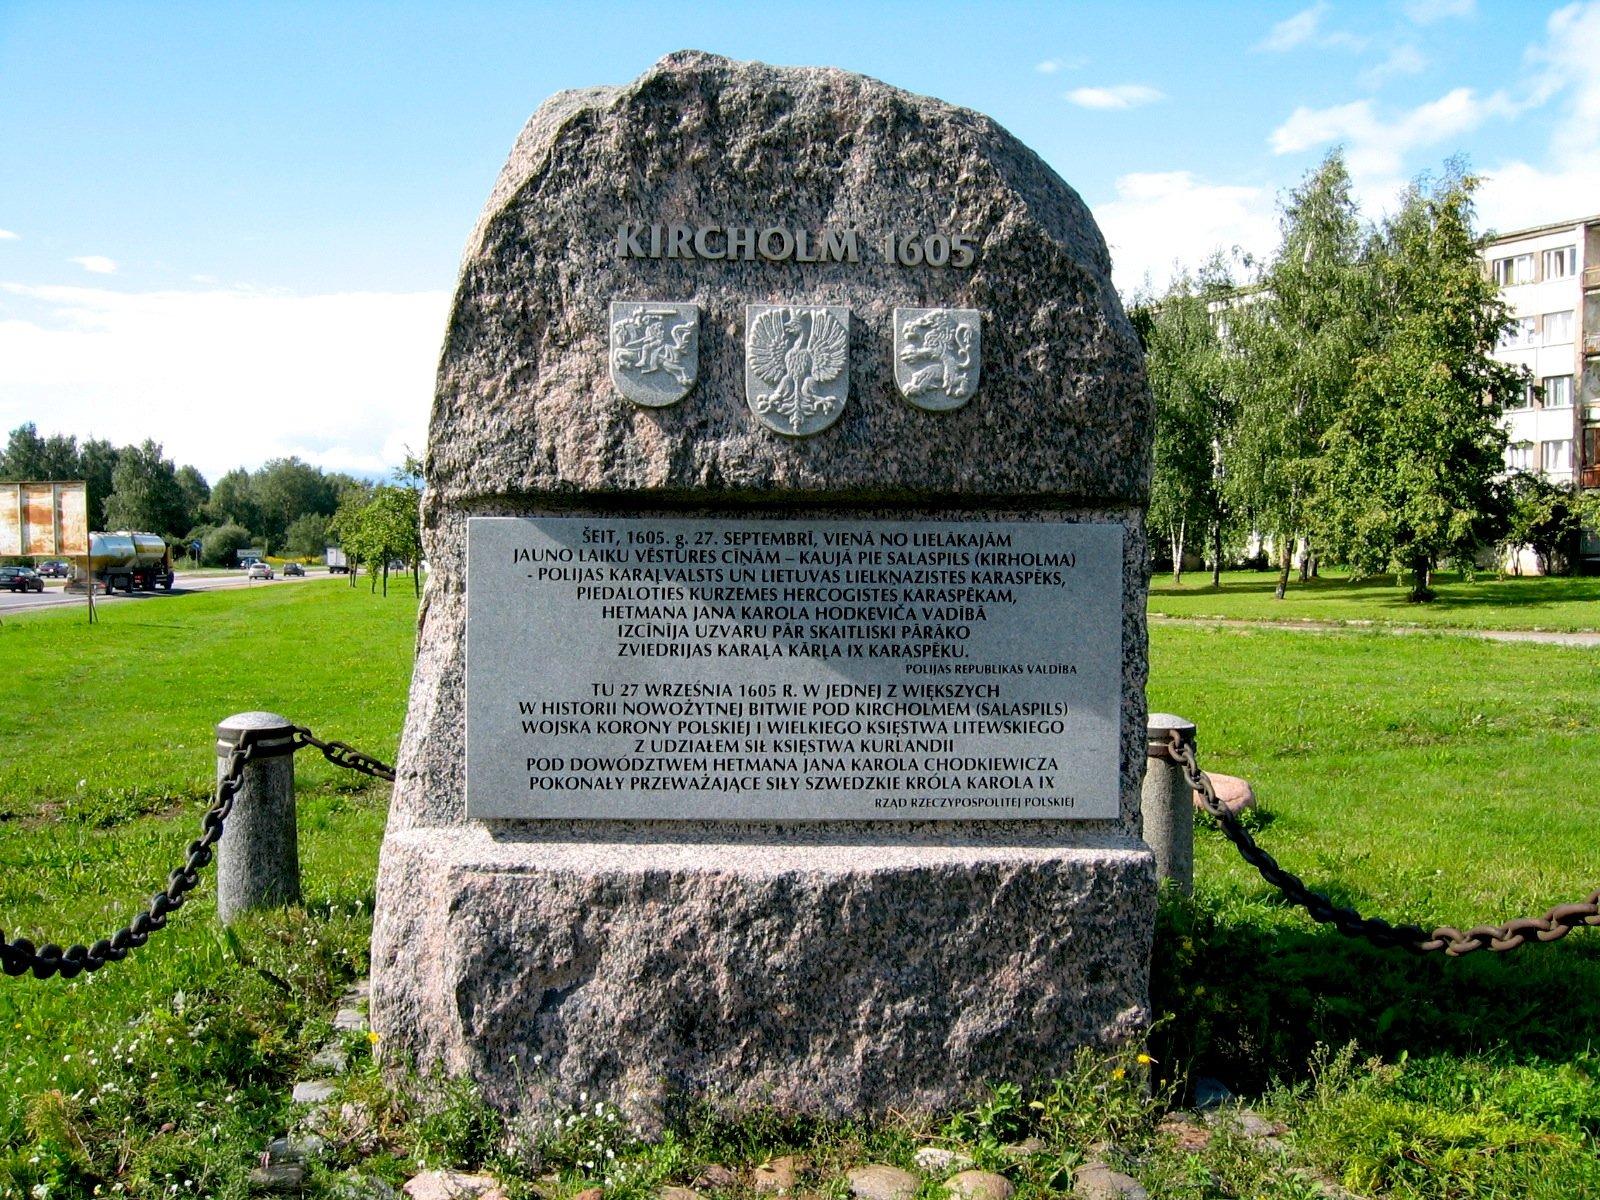 Pomnik bitwy pod Kircholmem w Salaspils k. Rygi z napisami łotewskim i polskim oraz herbami Litwy, Polski i Kurlandii